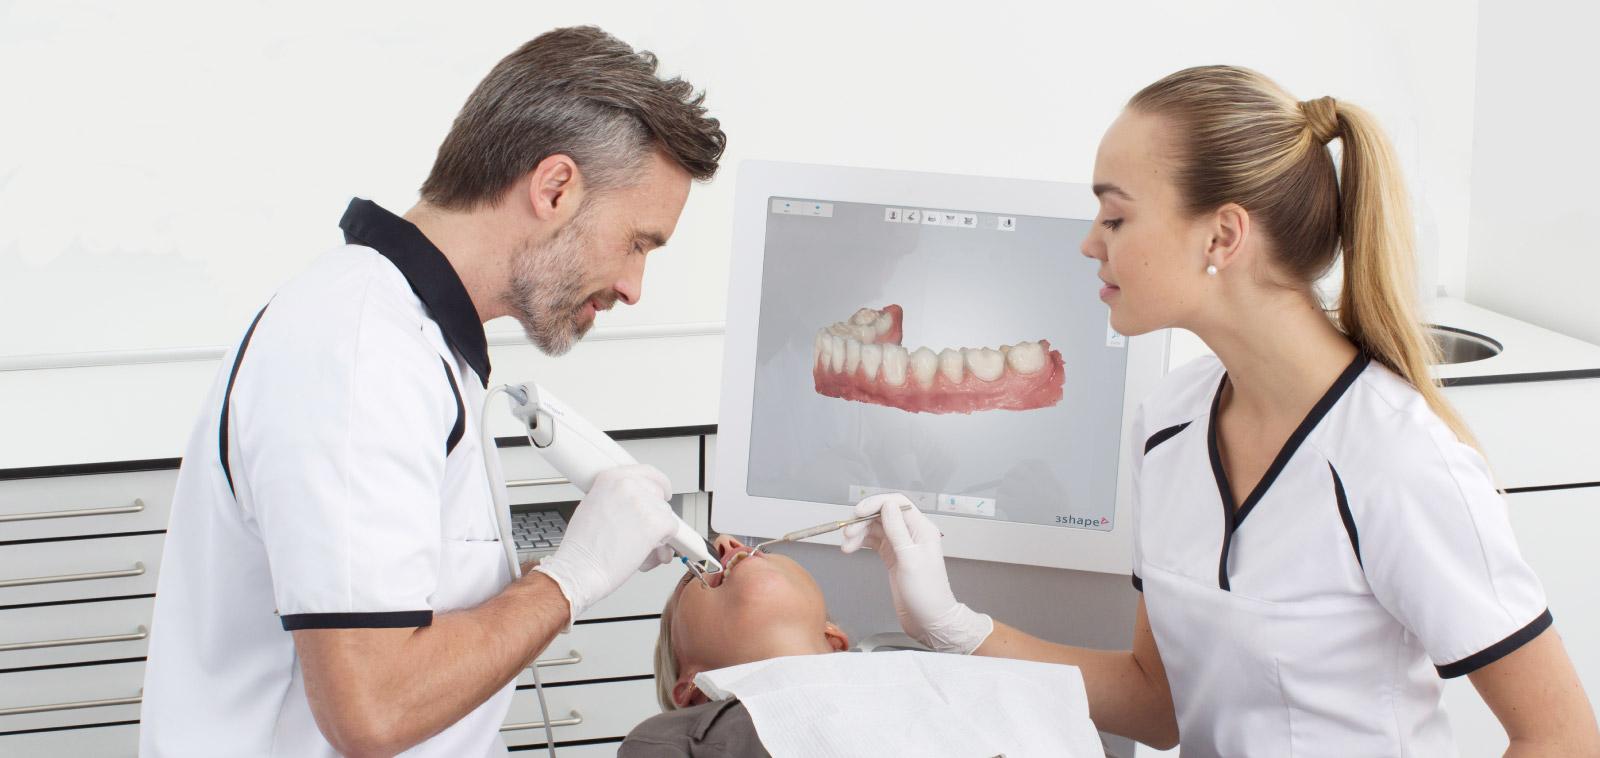 Digital Dental Impressions- 3Shape intra-oral surface